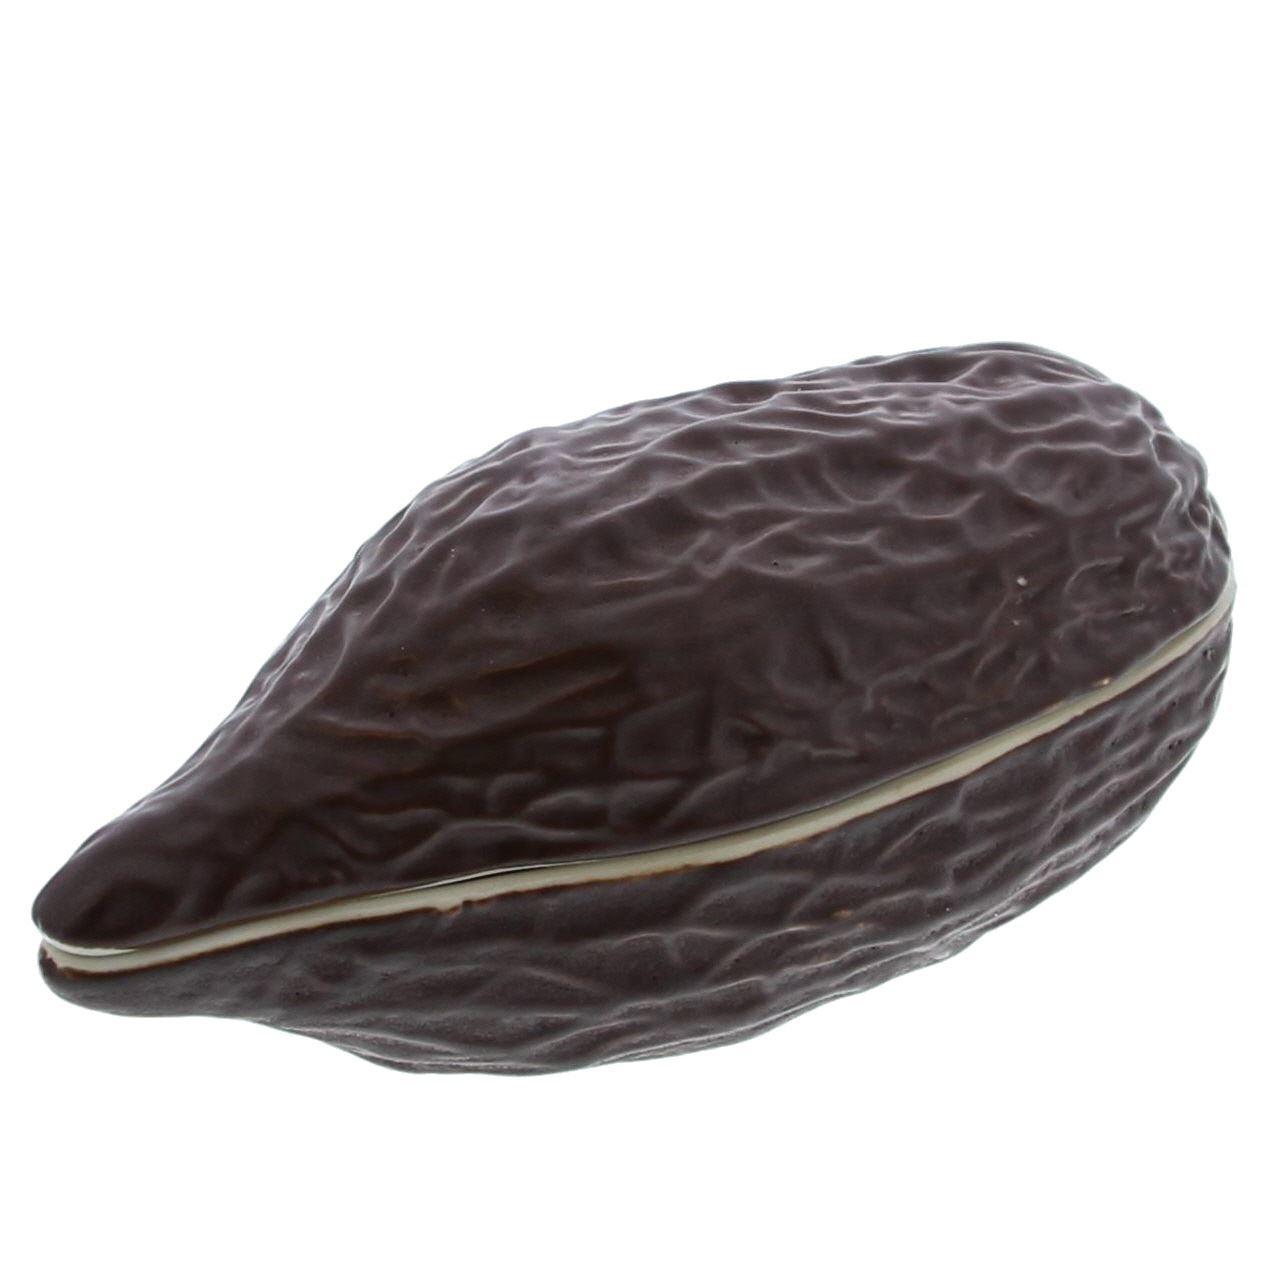 Cacaoboon bonbonnière  - verkrijgbaar in 2 verschillende maten